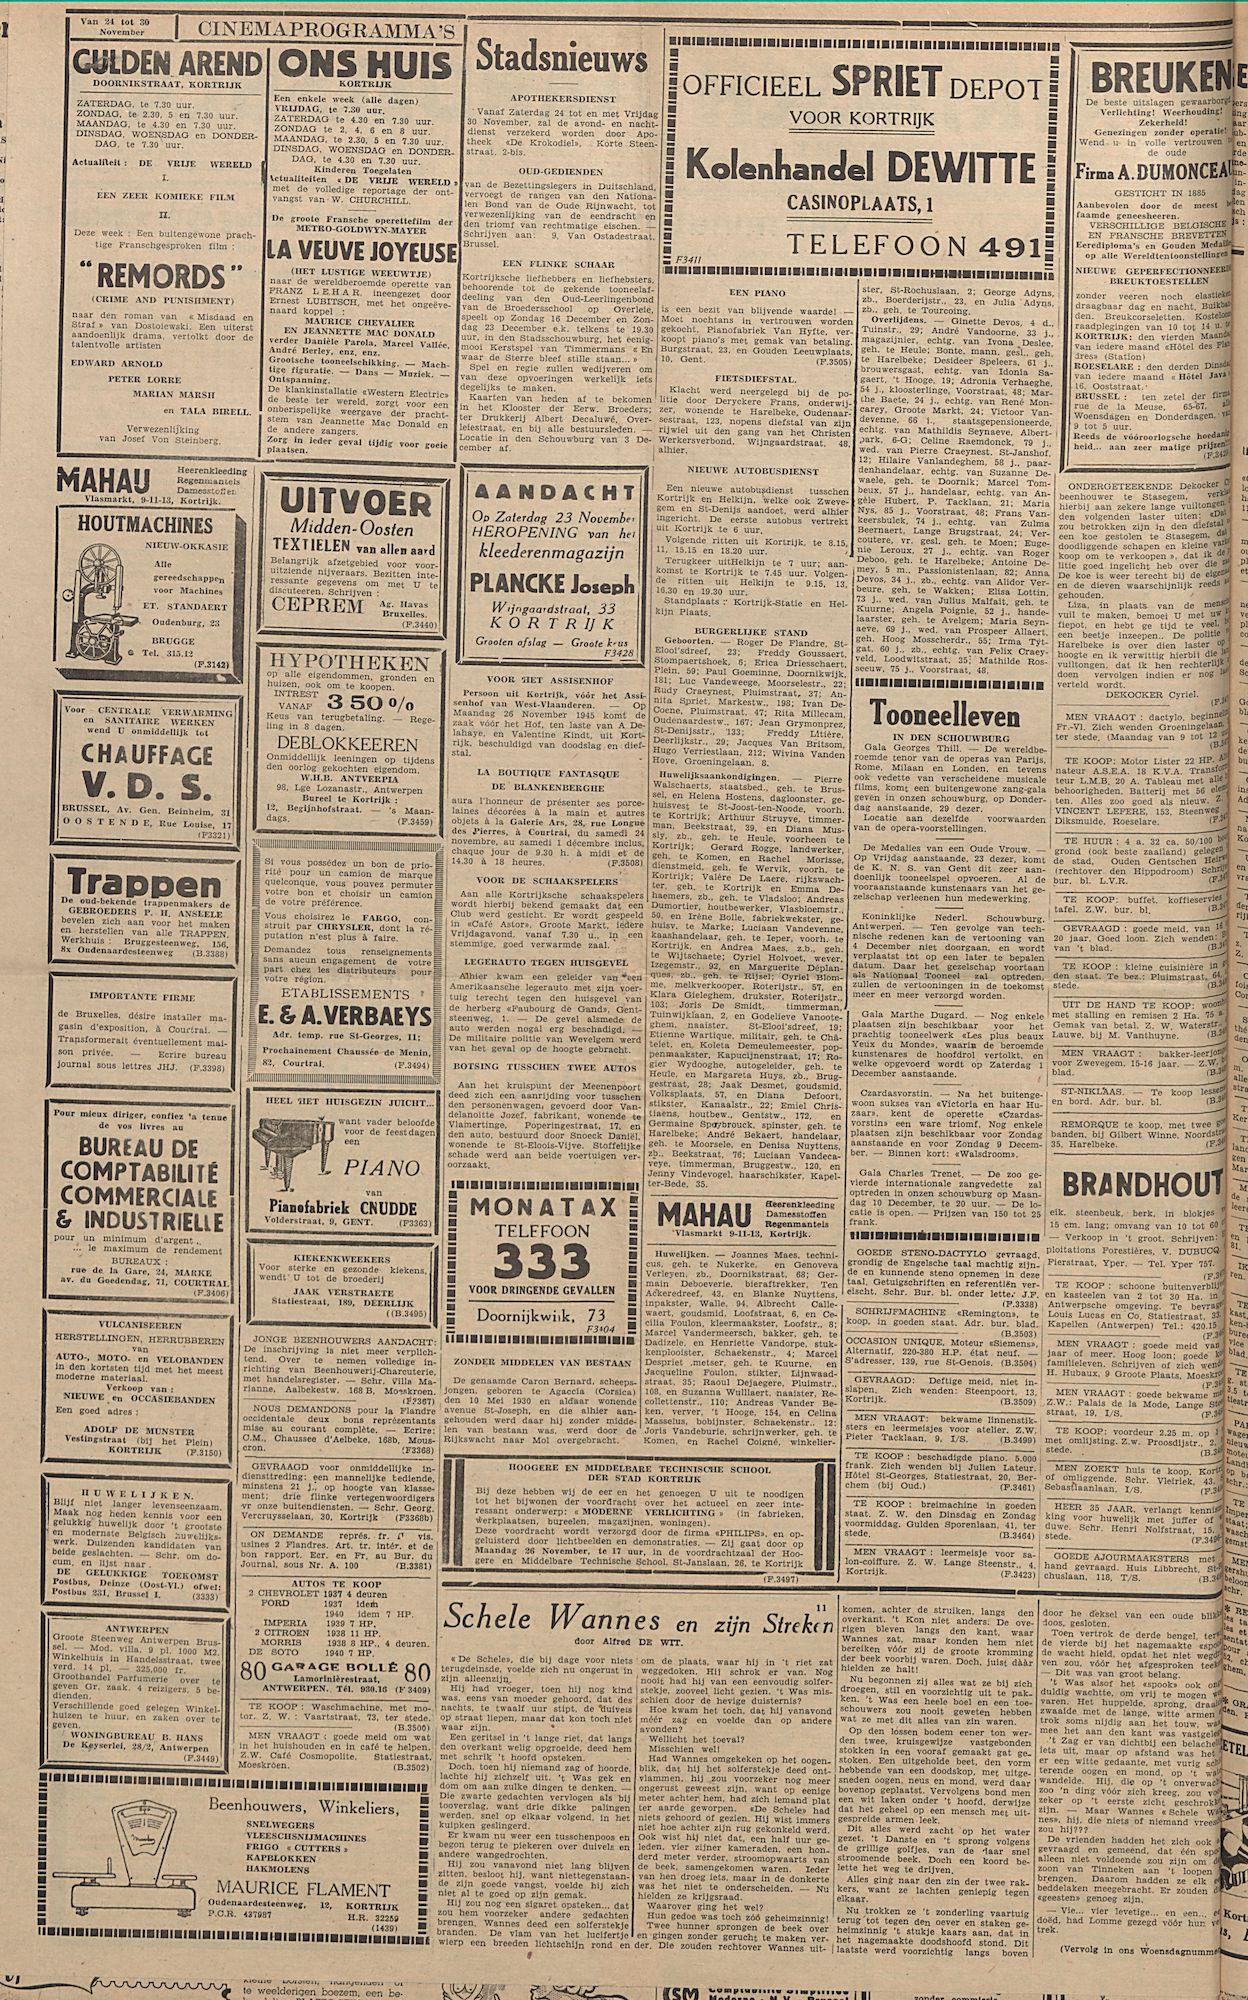 Kortrijksch Handelsblad 23 november 1945 Nr94 p2